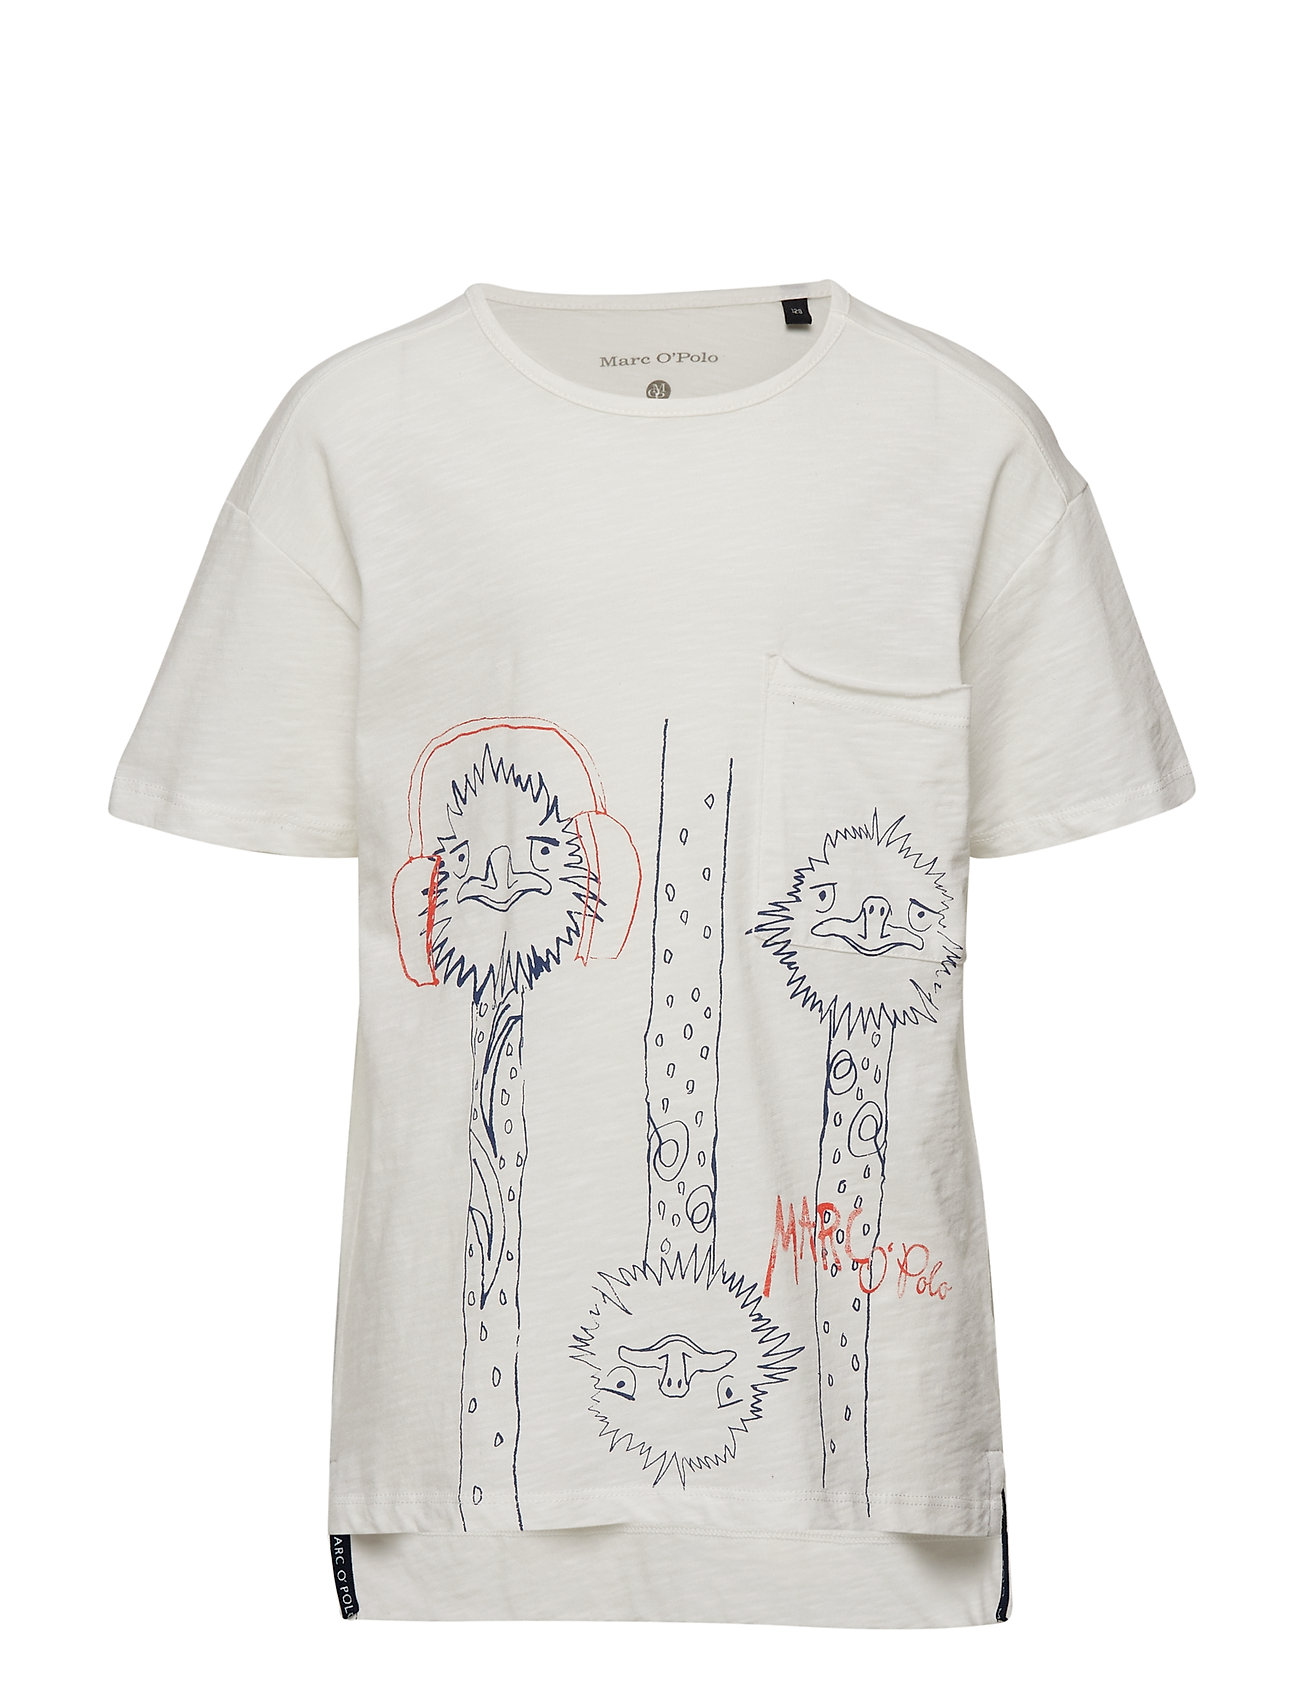 eb68d5395 T-shirt 1 4 Arm (Sea Salt-beige) (£23.80) - Marc O Polo Junior ...